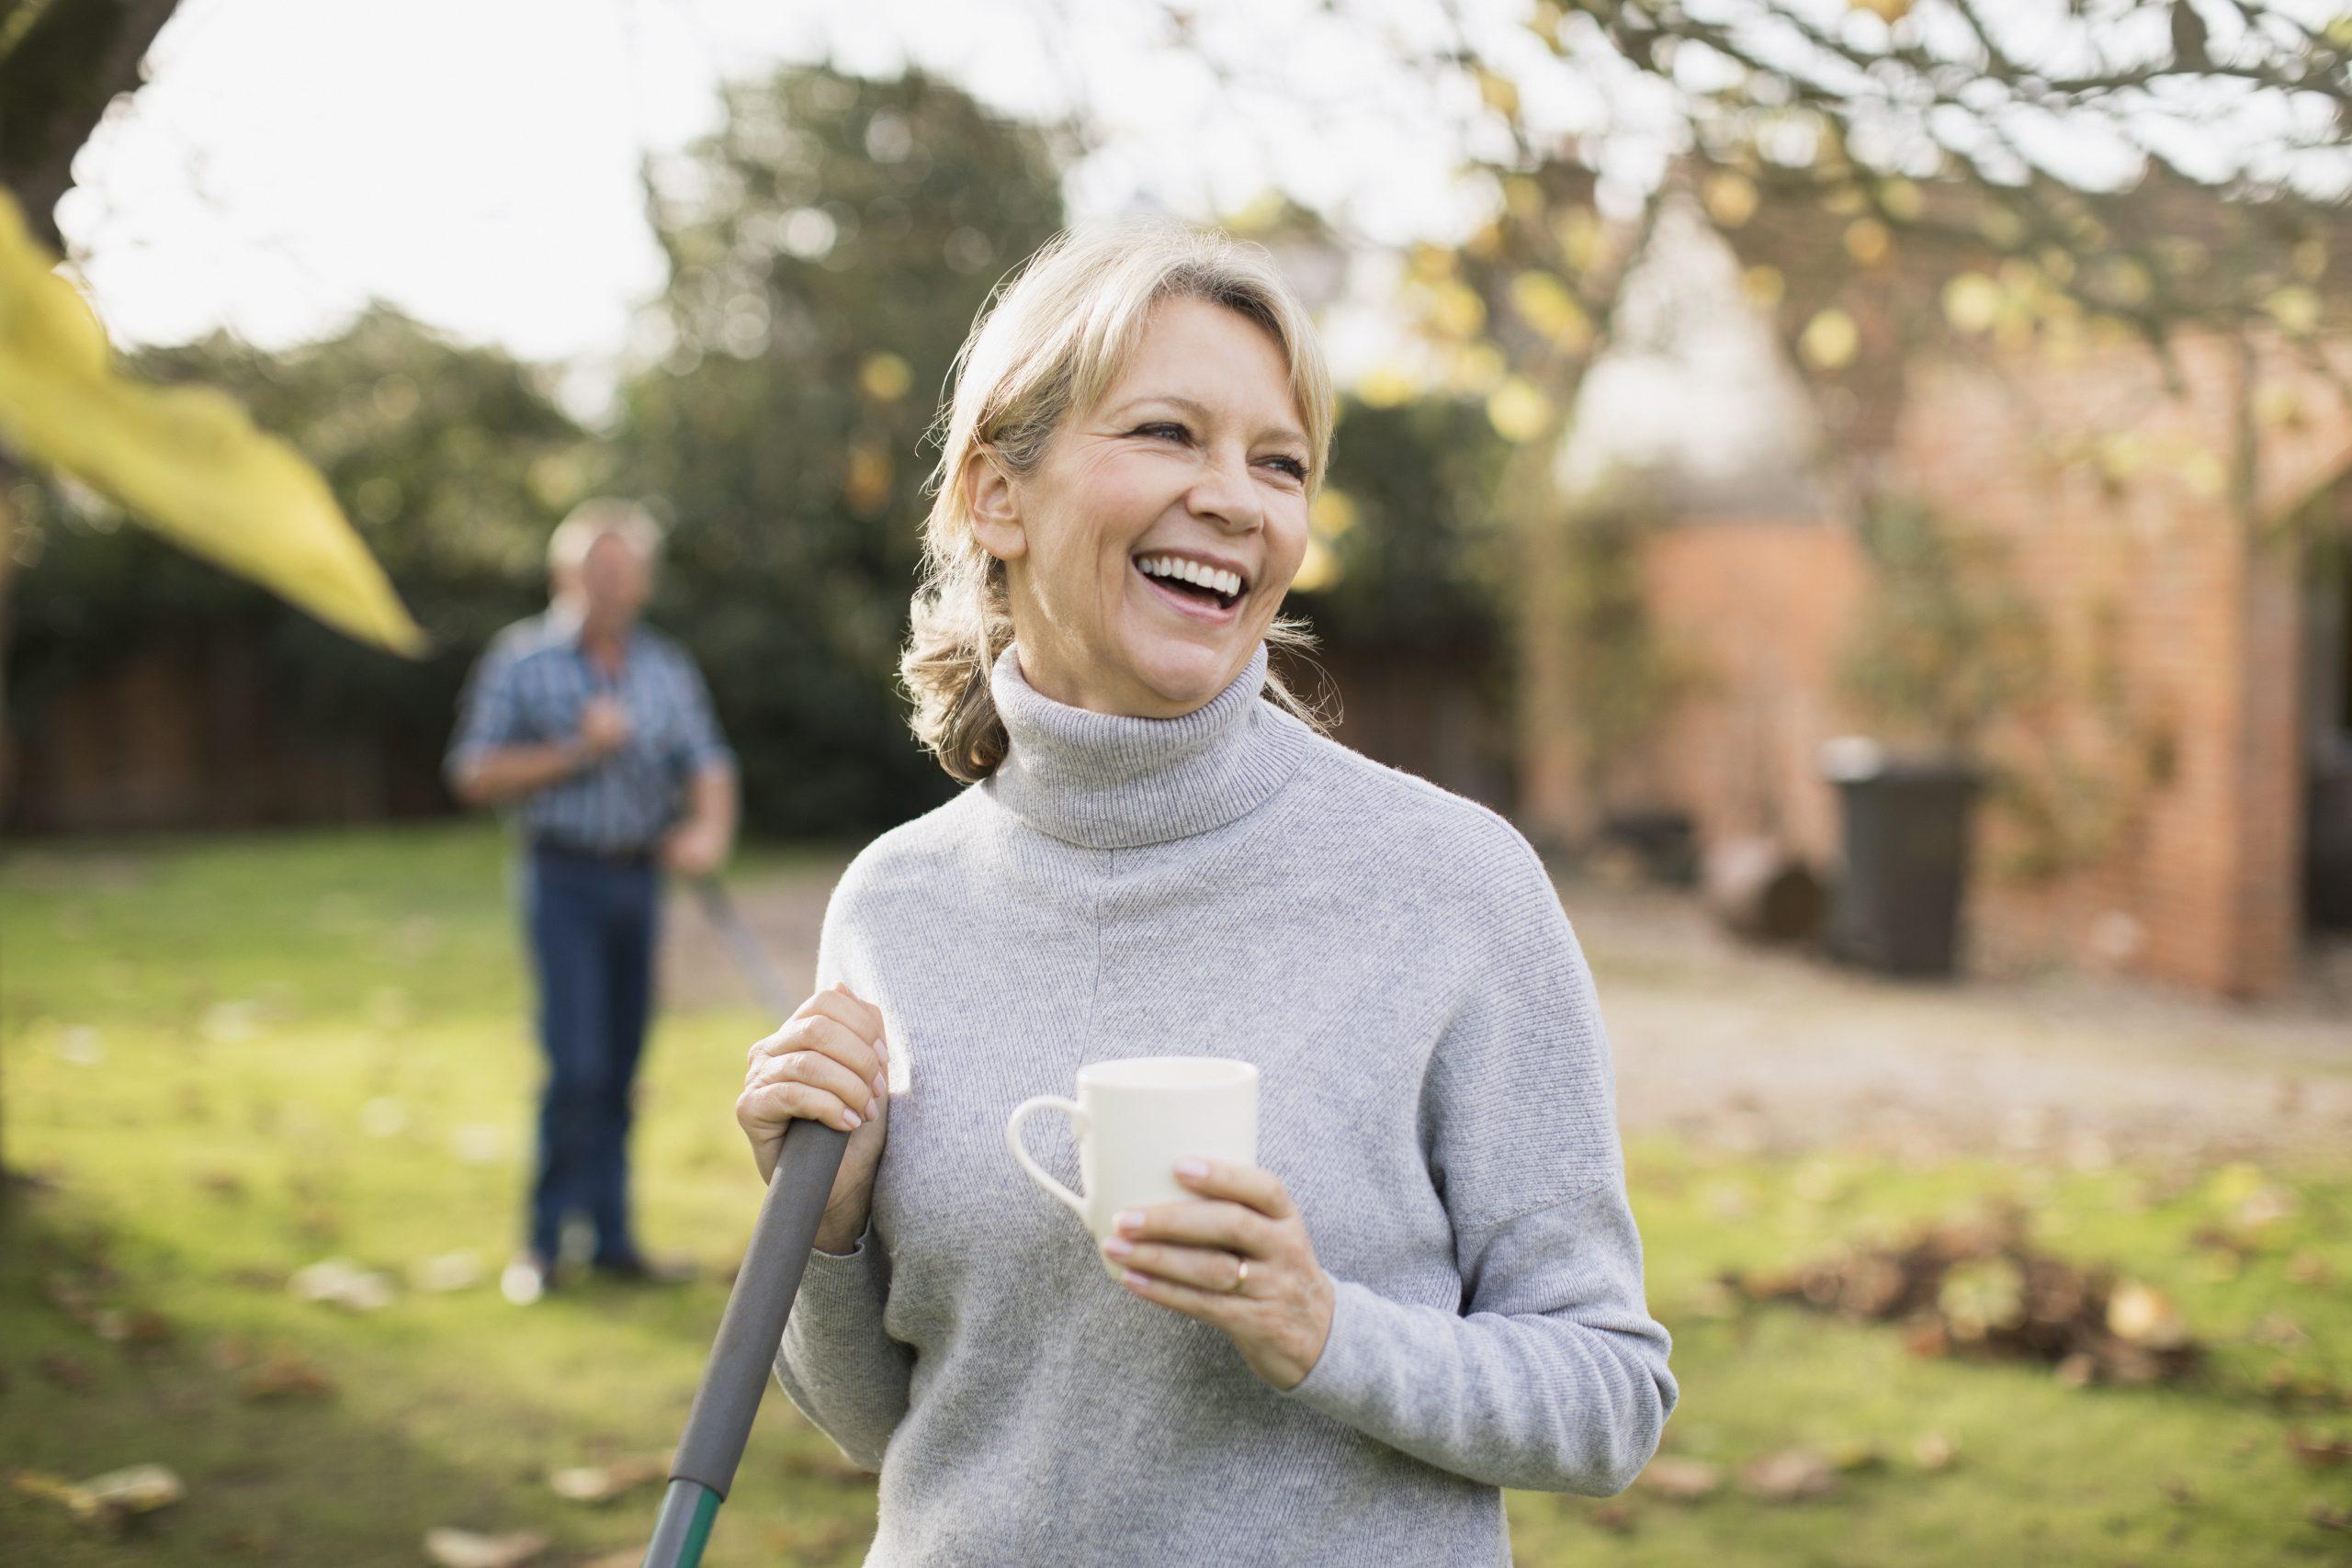 Αυτοφροντίδα: Τα βασικότερα tips αυτοφροντίδας [vid]